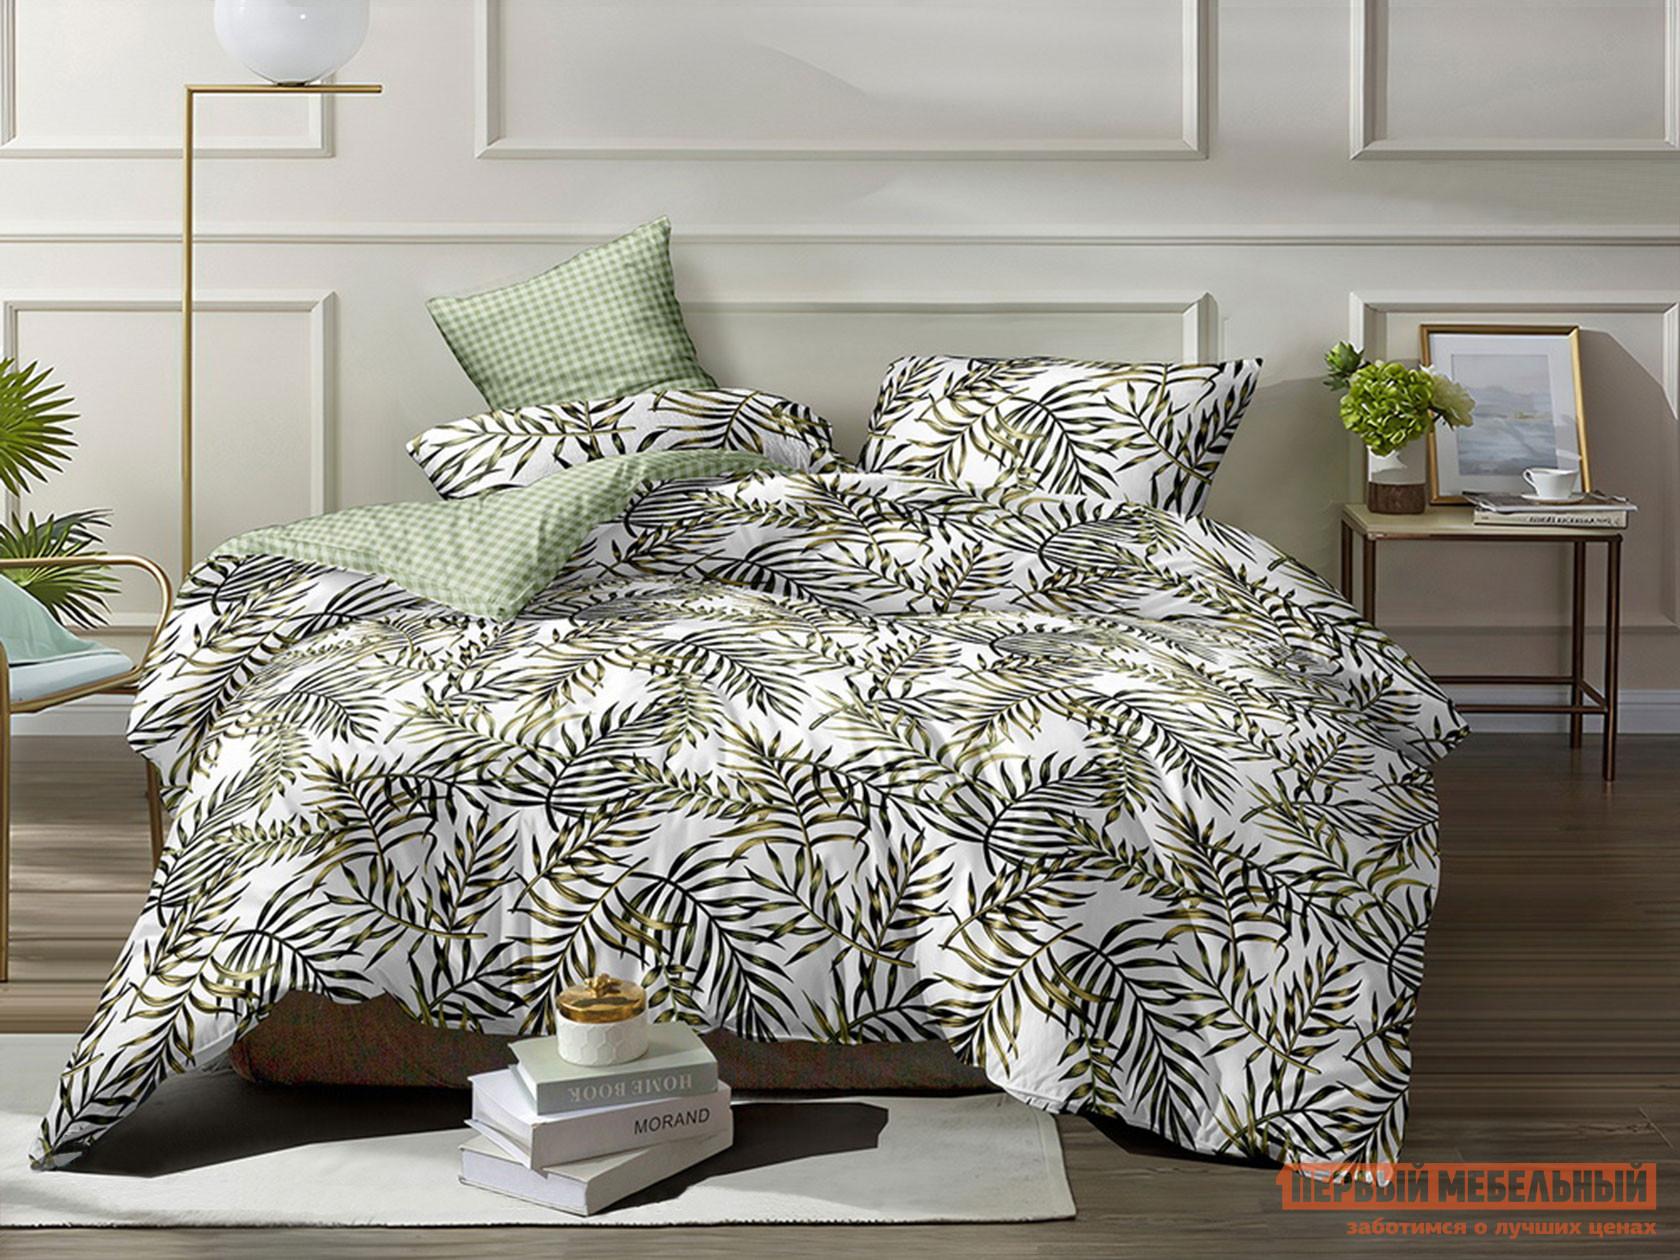 Комплект постельного белья КПБ Butterfly Поплин 11022 11022, поплин, Евро фото